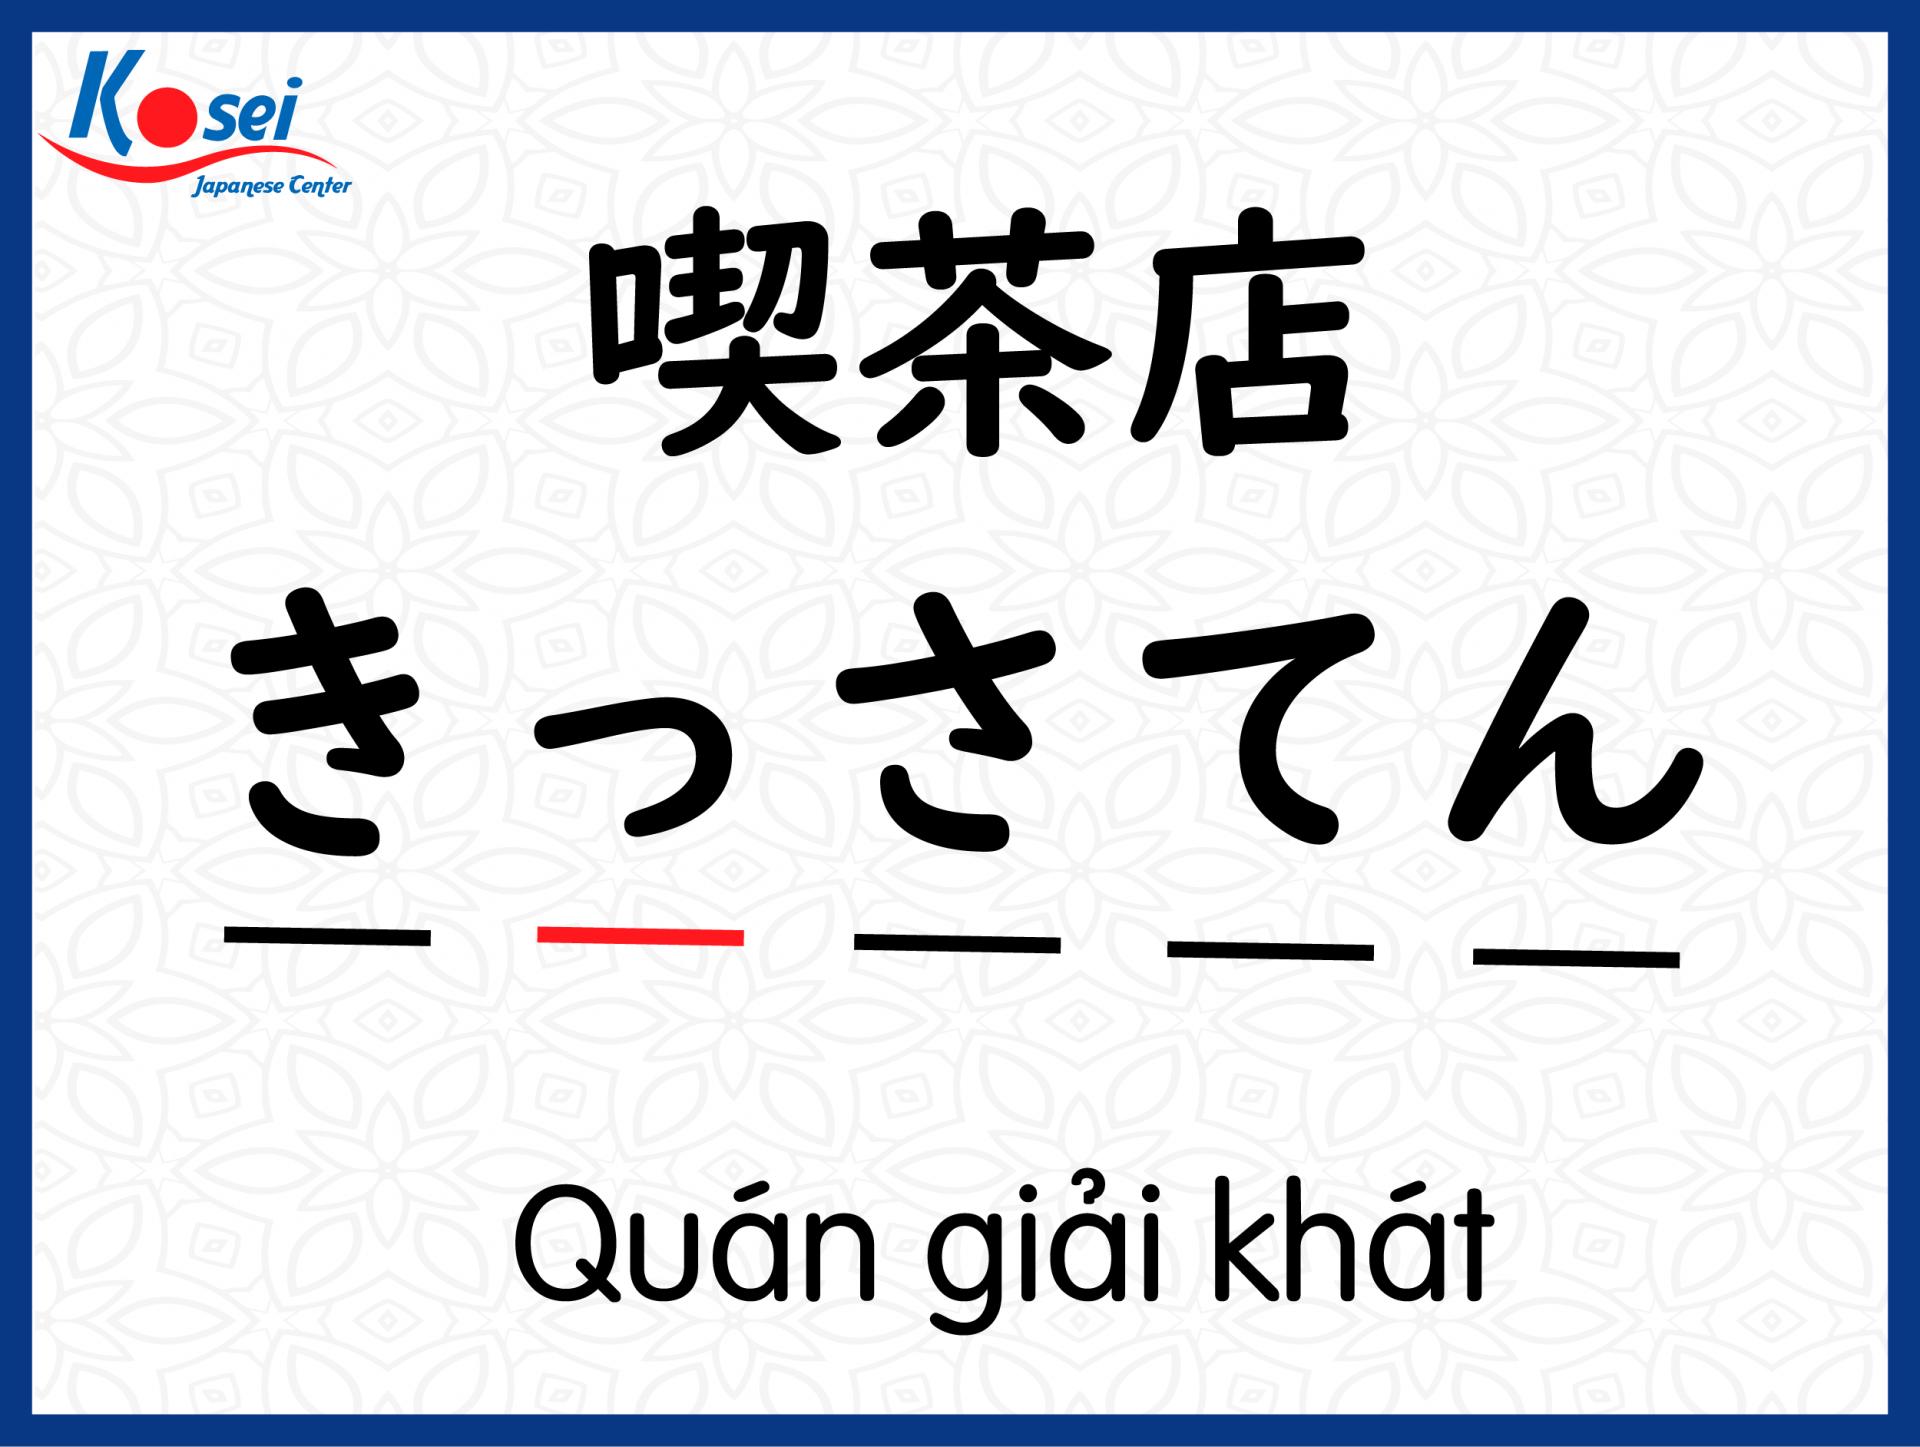 Âm ngắt trong tiếng Nhật